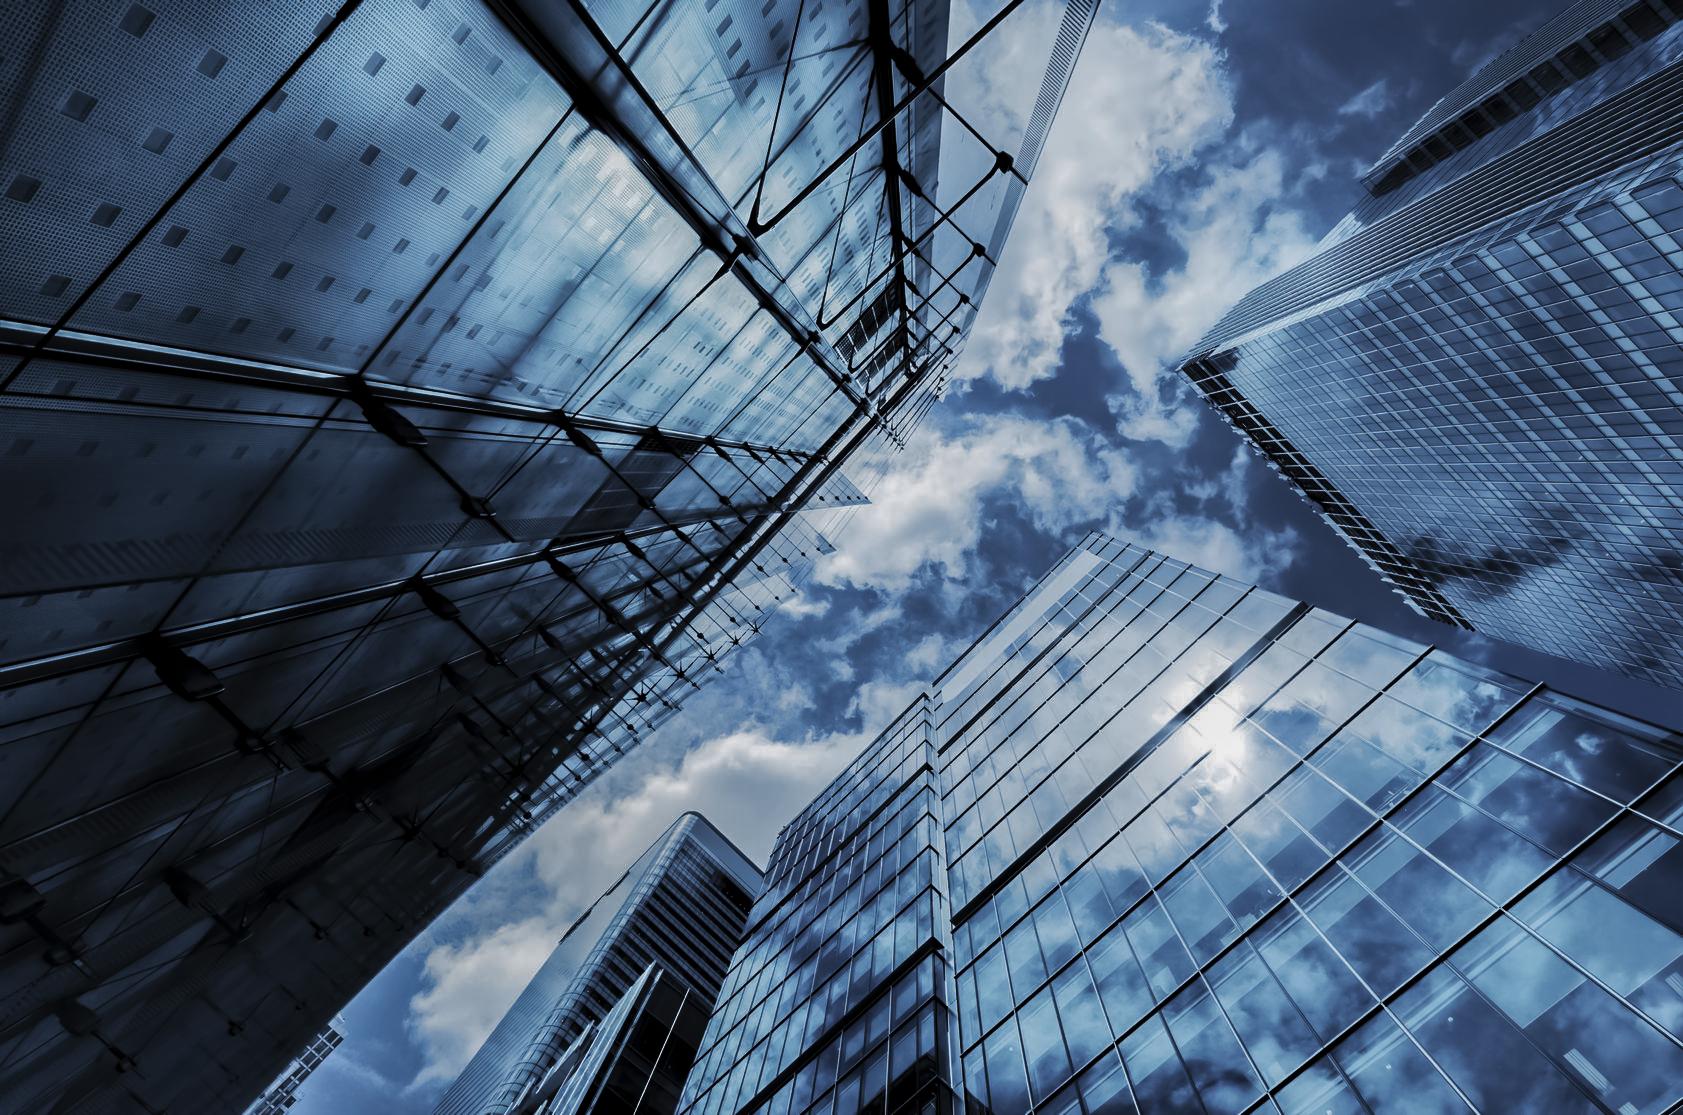 10 best fca regulated online brokers in the uk in 2019.